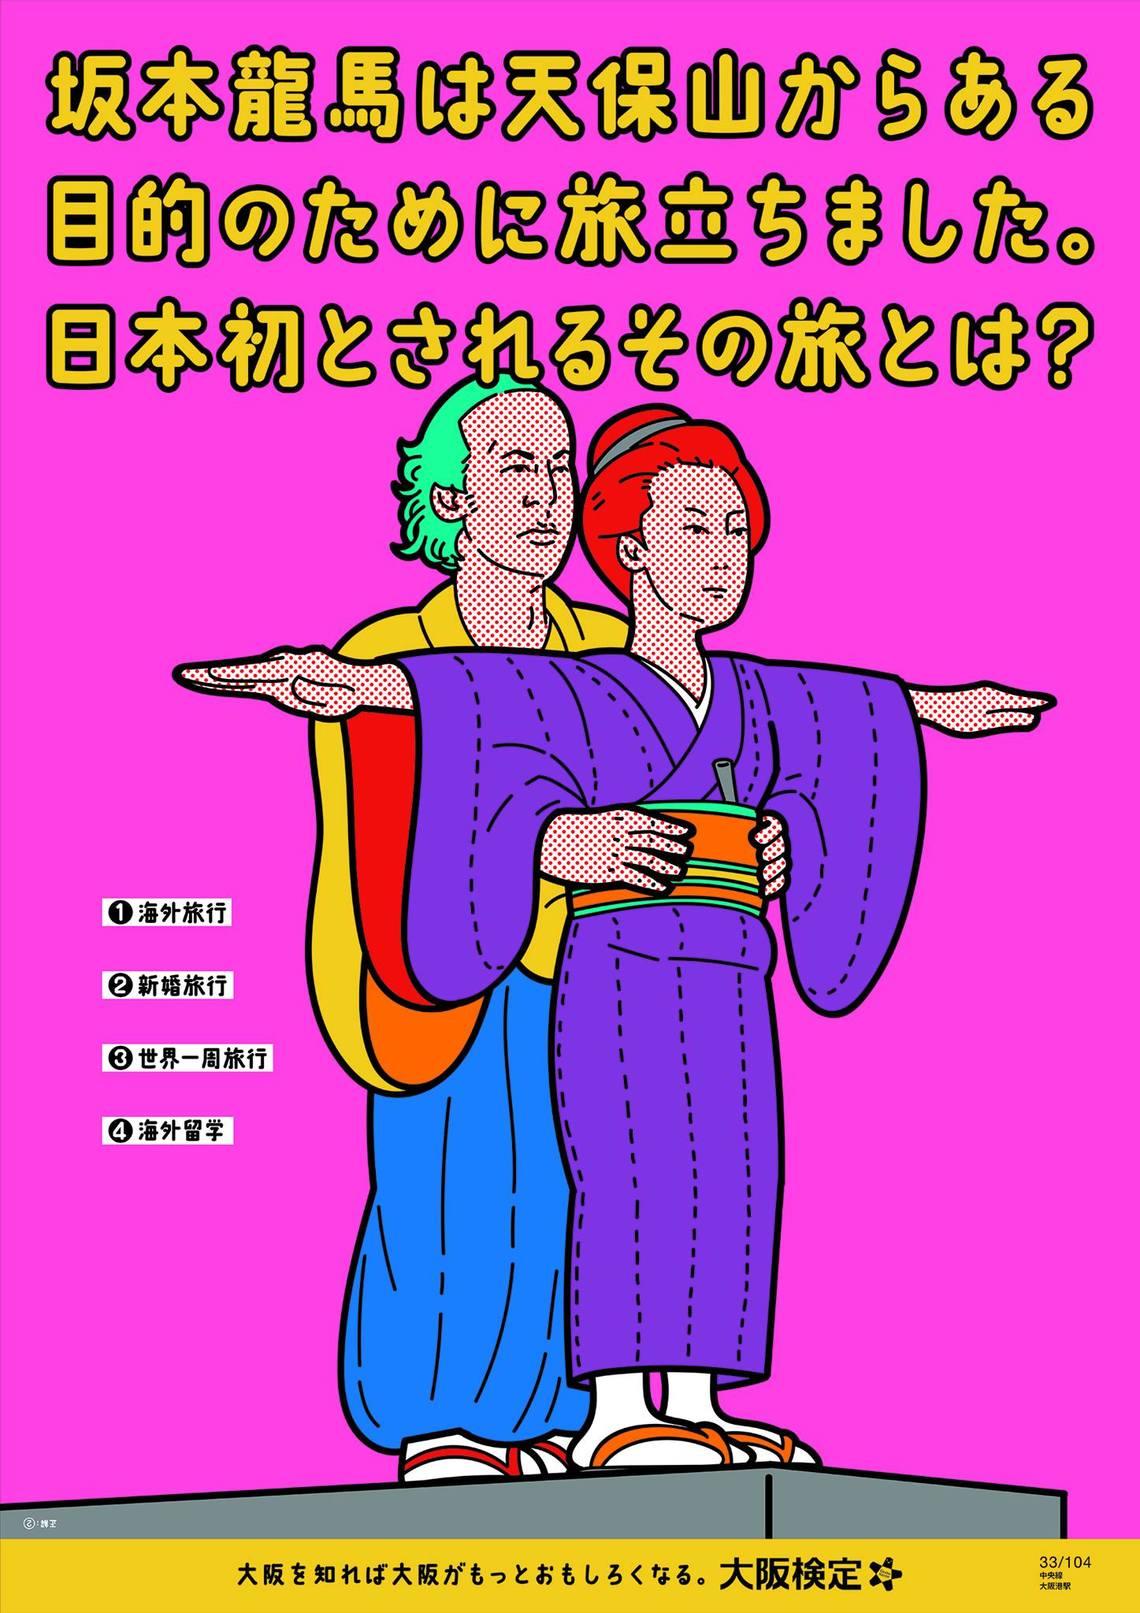 坂本龍馬は天保山からある目的のために旅立ちました。日本初とされるその旅とは?